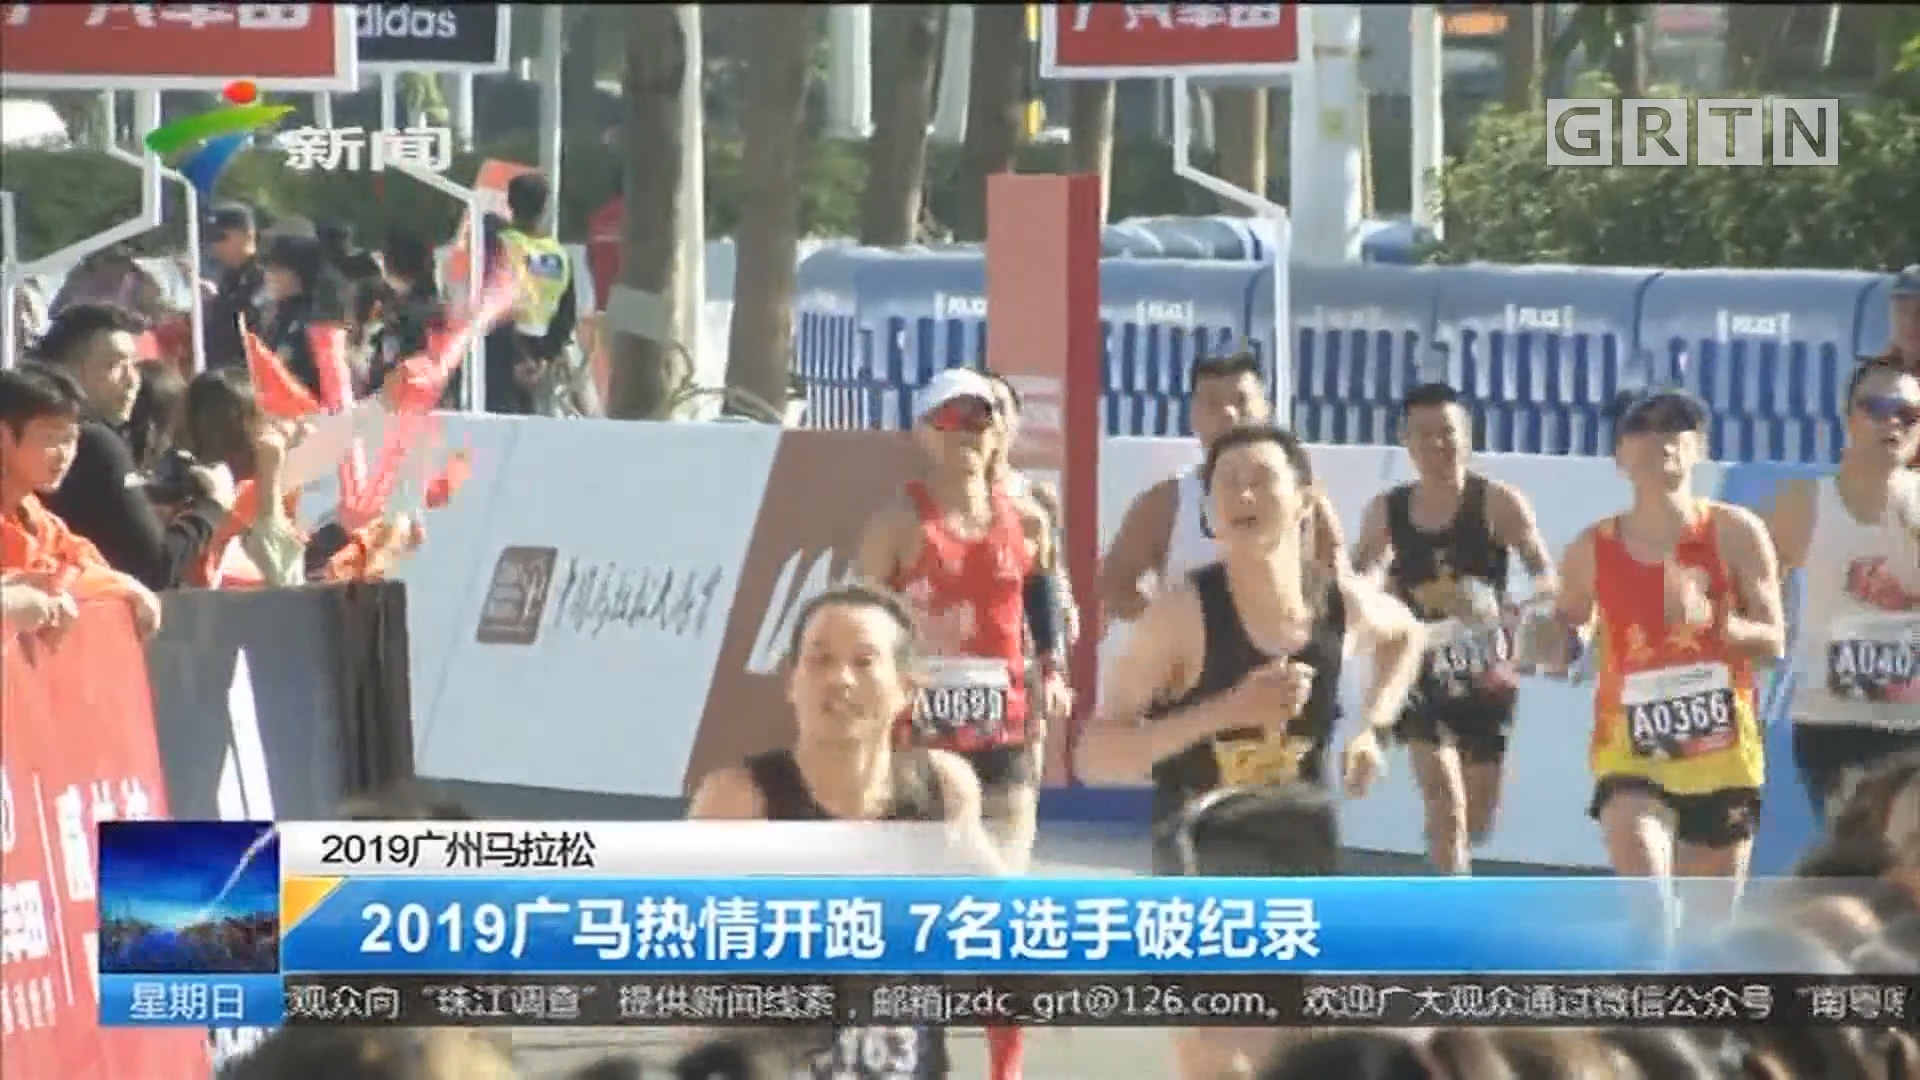 2019广州马拉松:2019广马热情开跑 7名选手破纪录